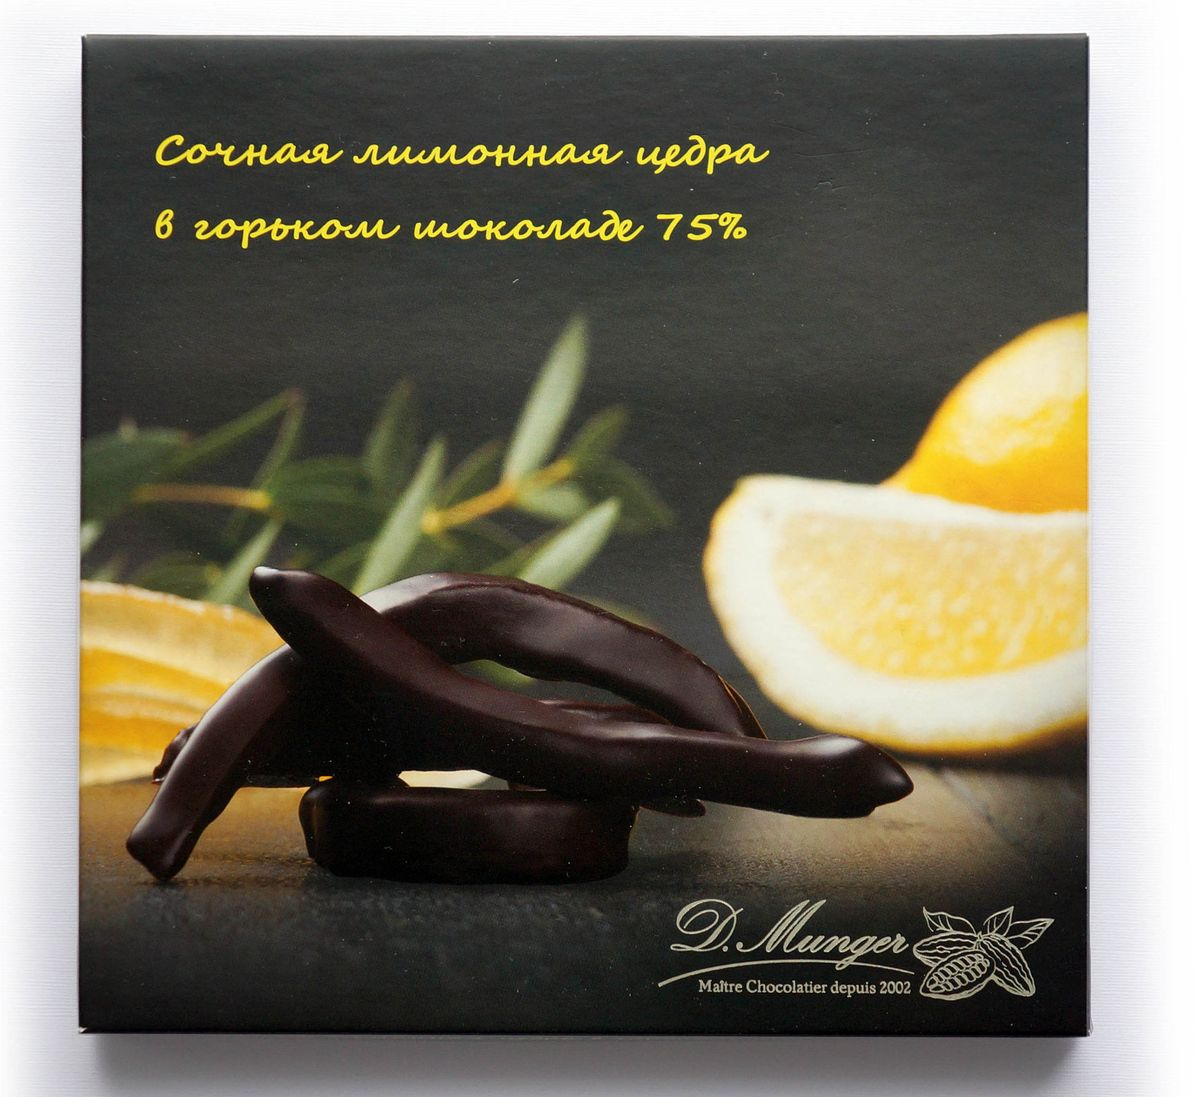 Chocolatier D.Munger цукаты лимона в горьком шоколаде, 100 г джой смесь фруктовая цукаты клюквы арахис 50 г